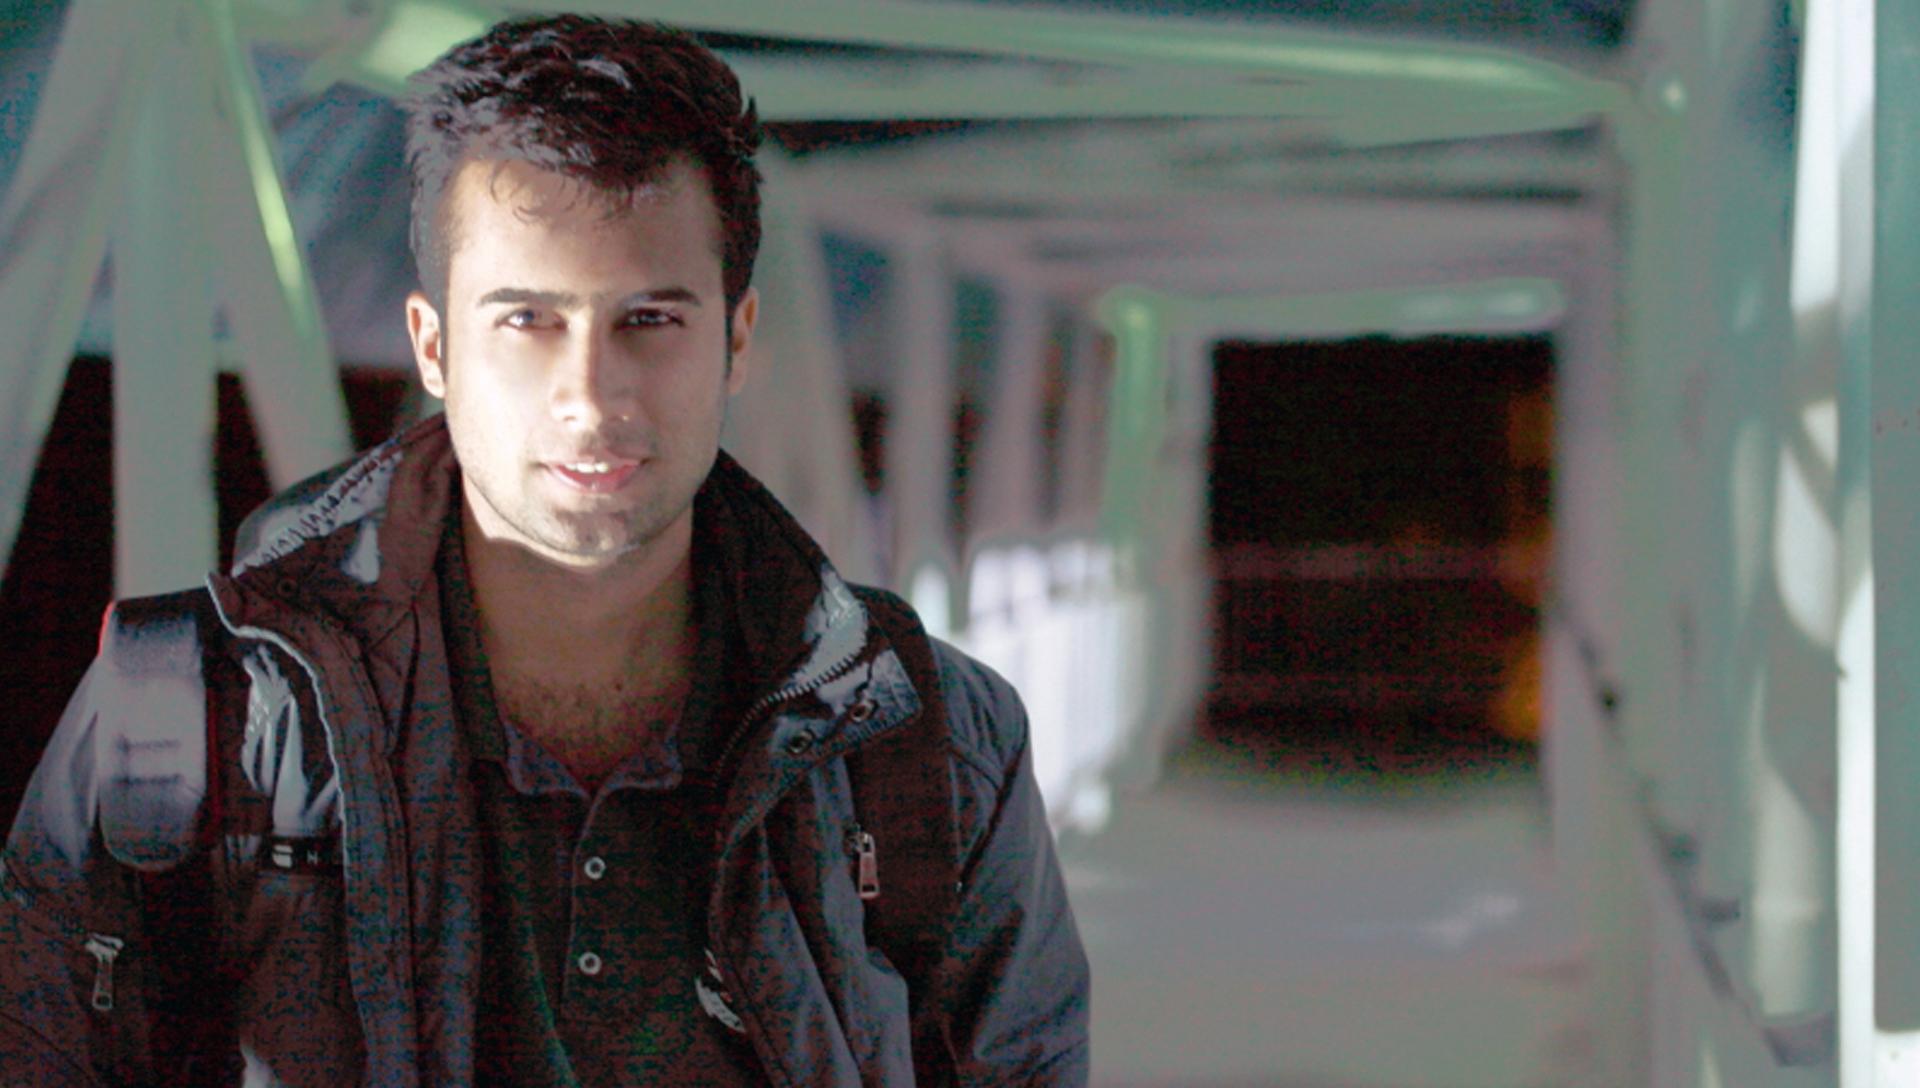 هادی هنرپیشه - شرکت فیلم سازی زوم شیراز برادران شریفی